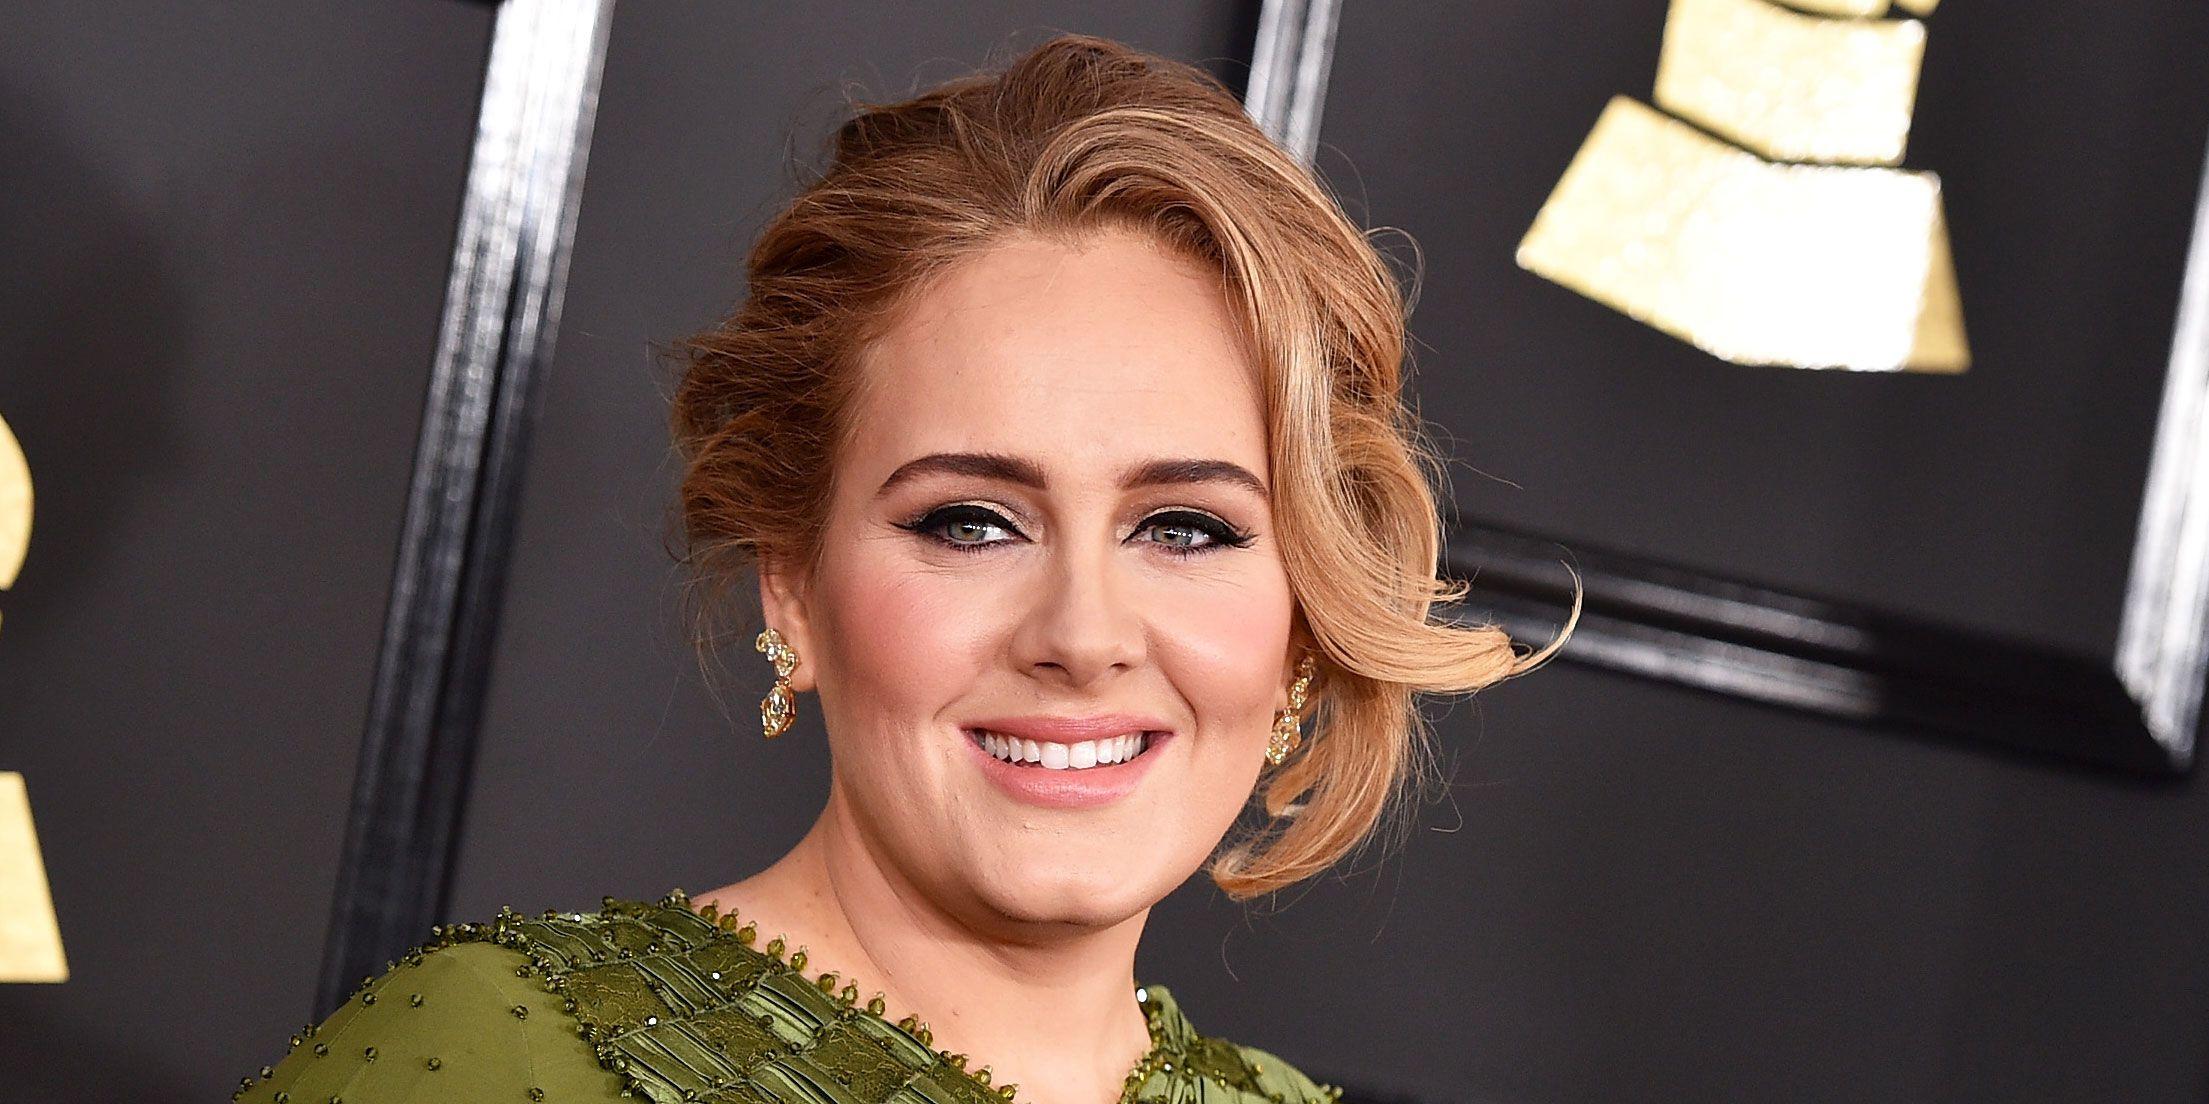 Adele's make-up artist Michael Ashton